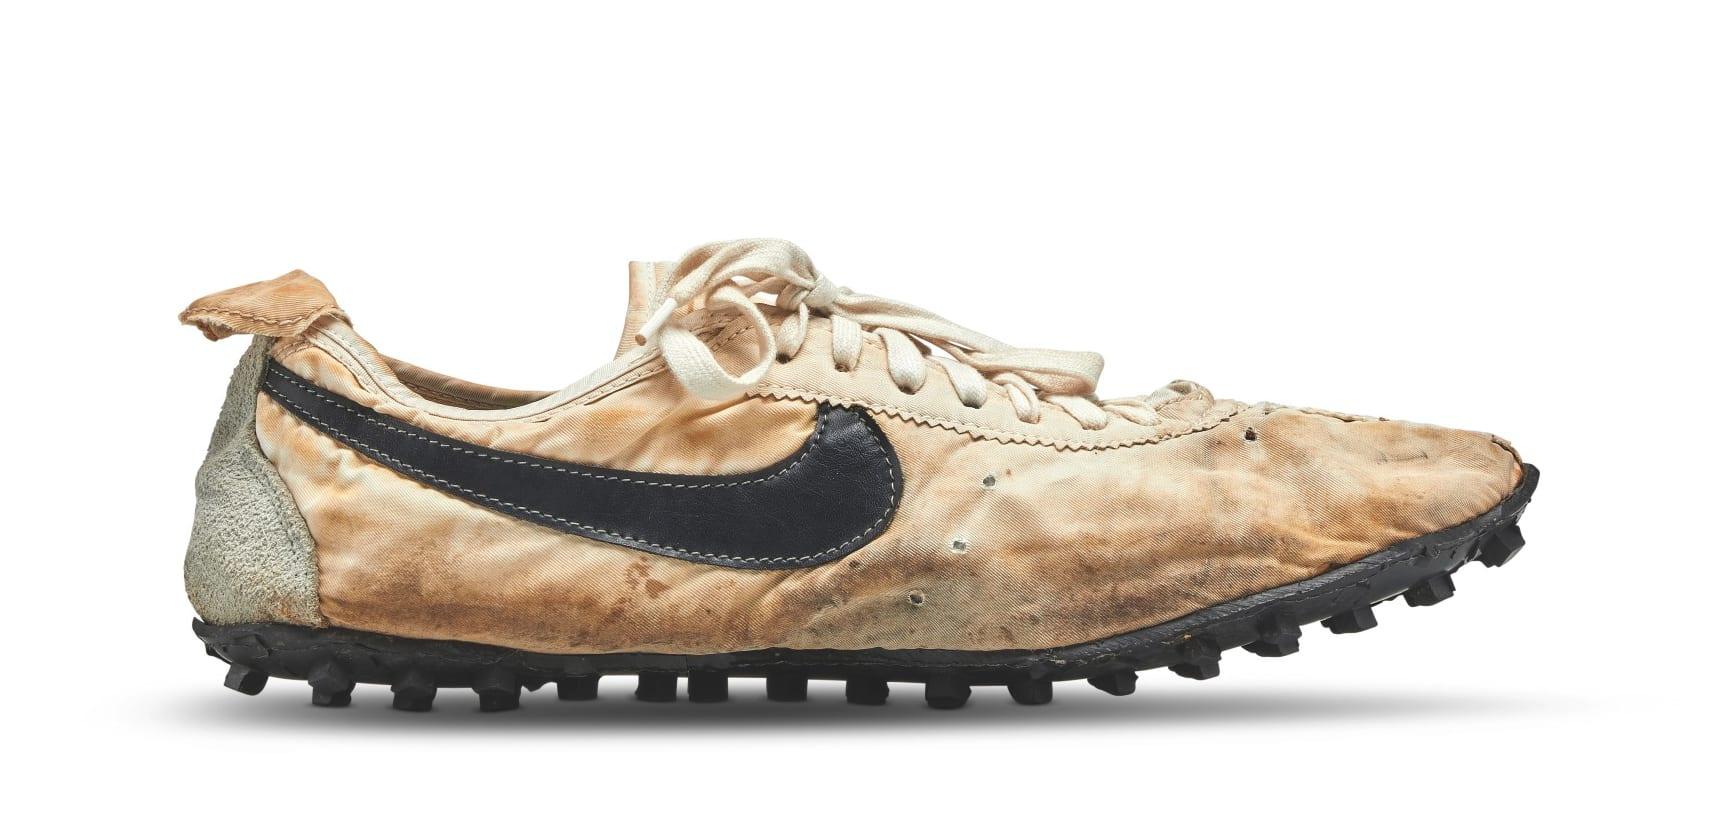 Nike Waffle Racer Moon Shoe